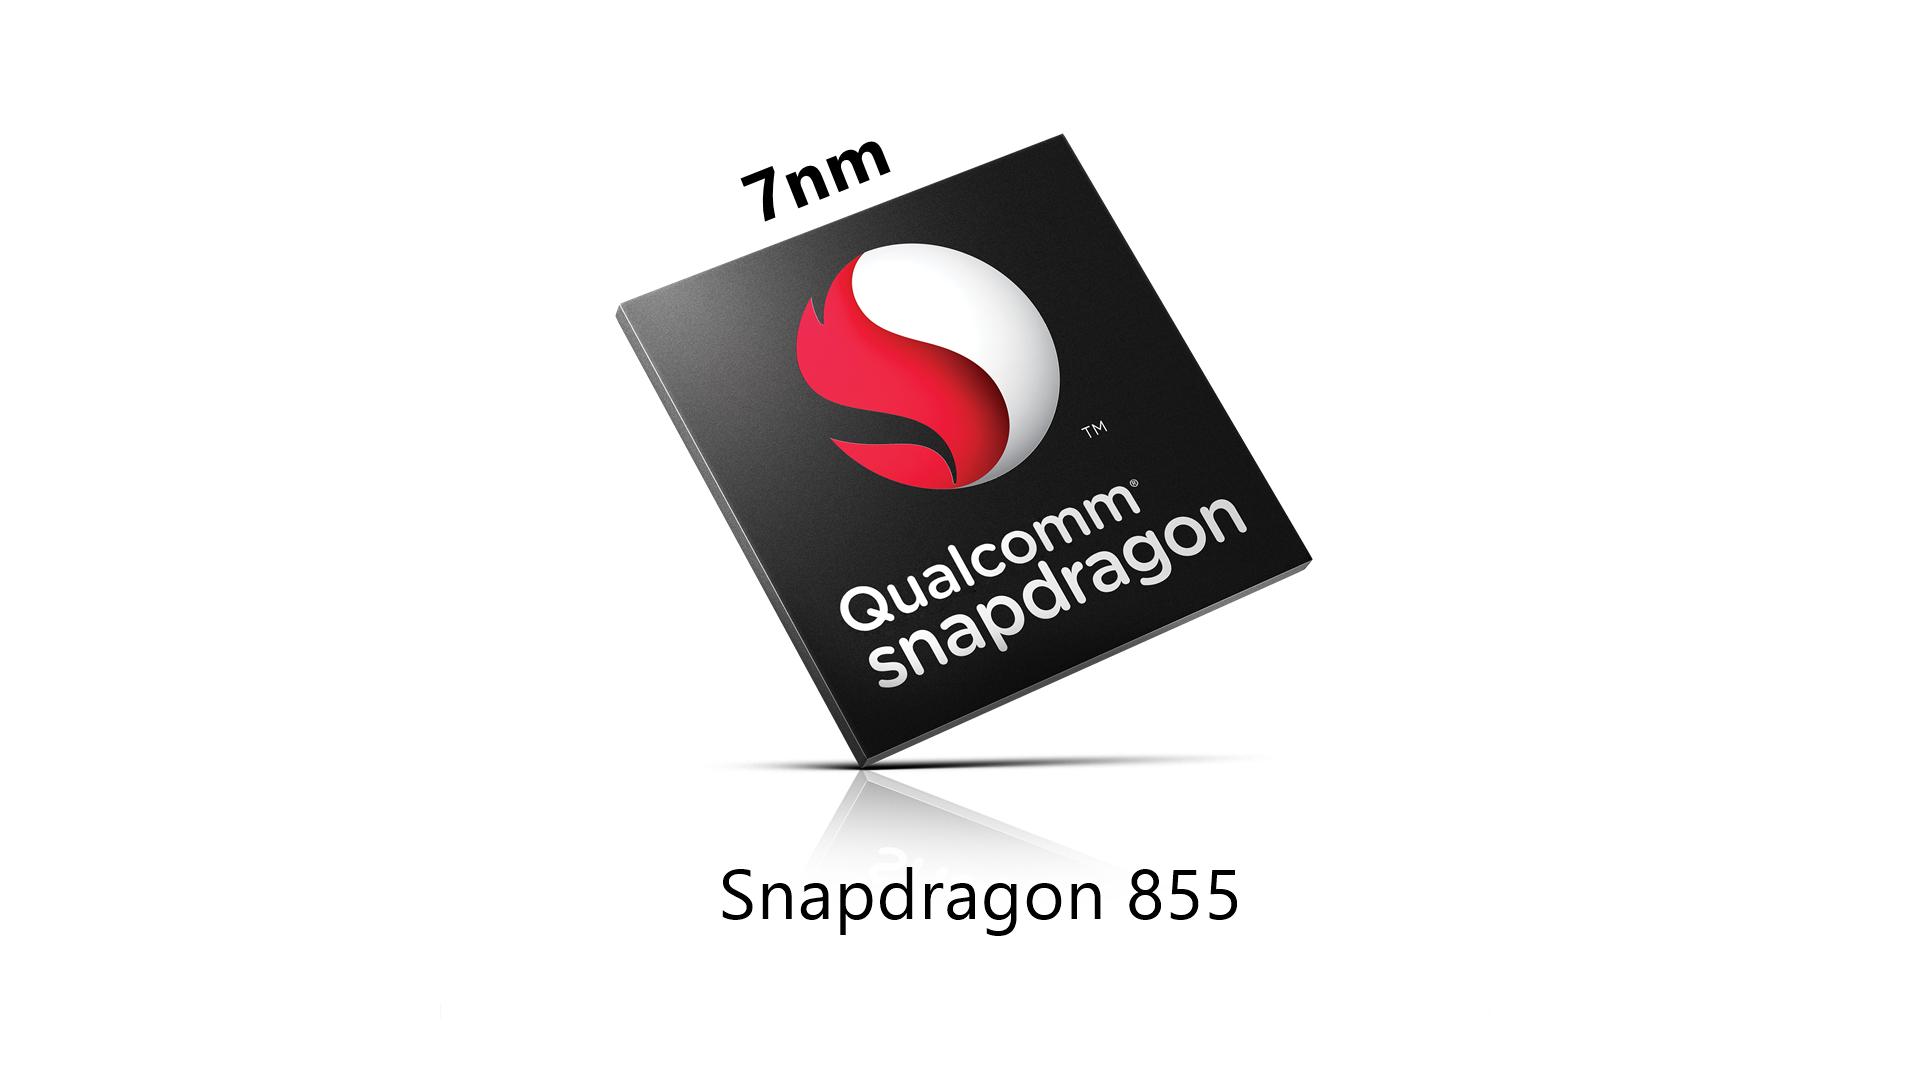 据传高通骁龙855不支持5G 明年旗舰手机下半年才能用上5G